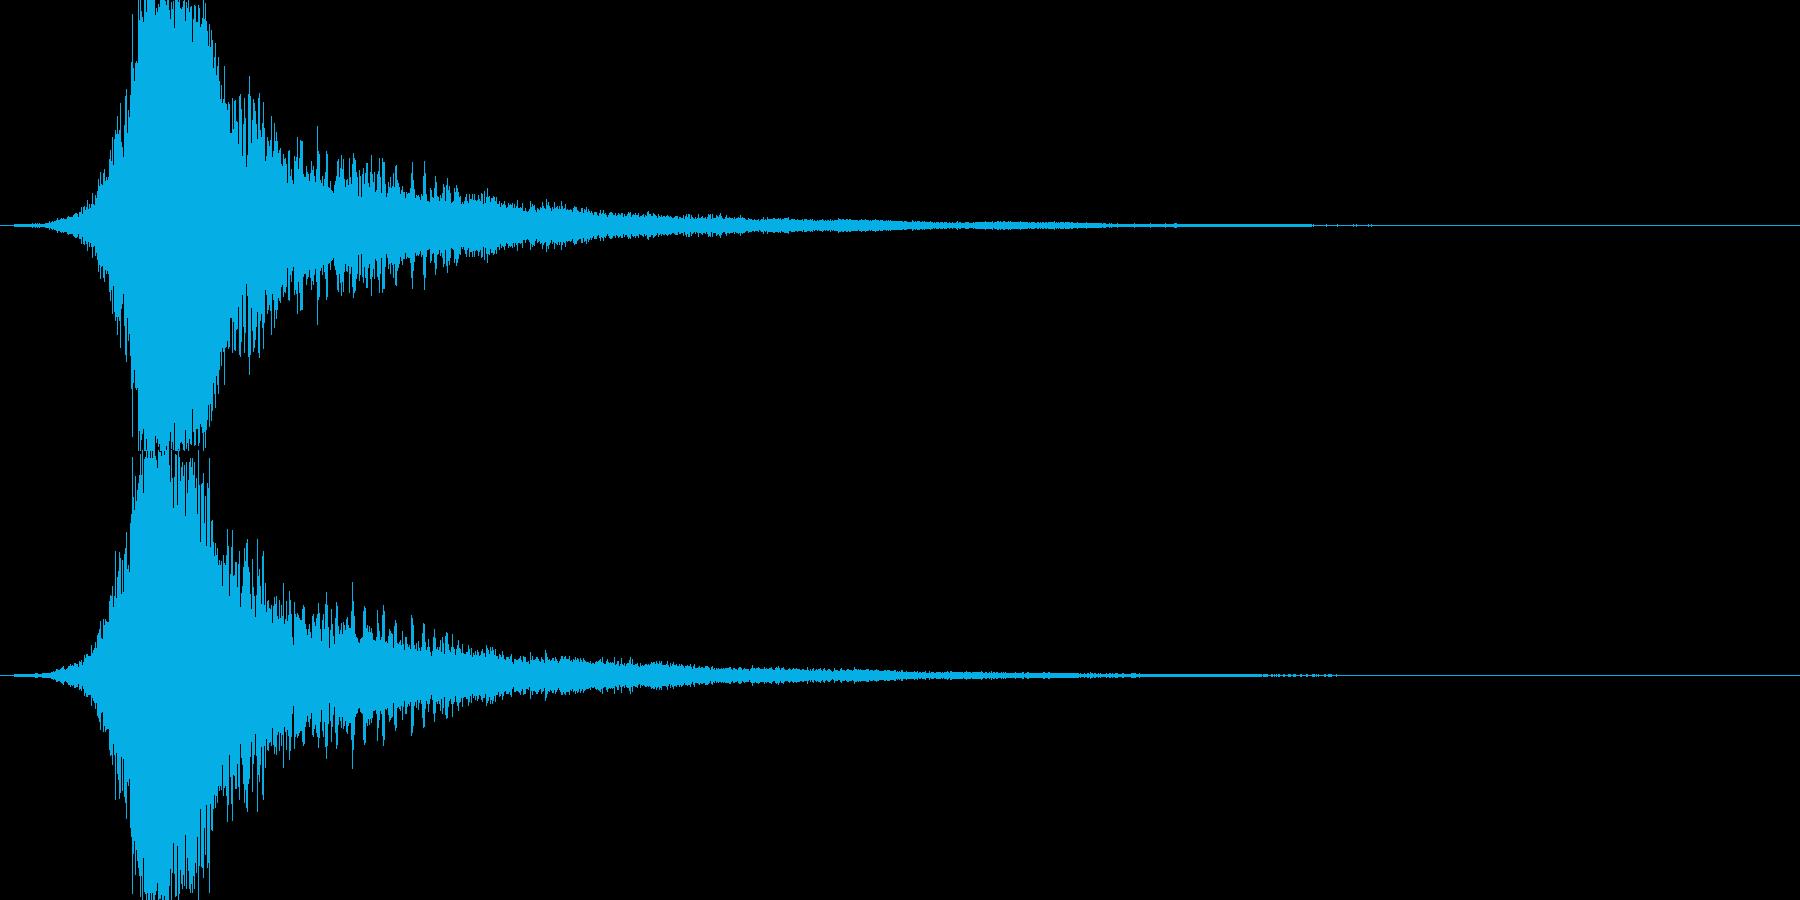 シャキーン 派手なインパクト音5の再生済みの波形